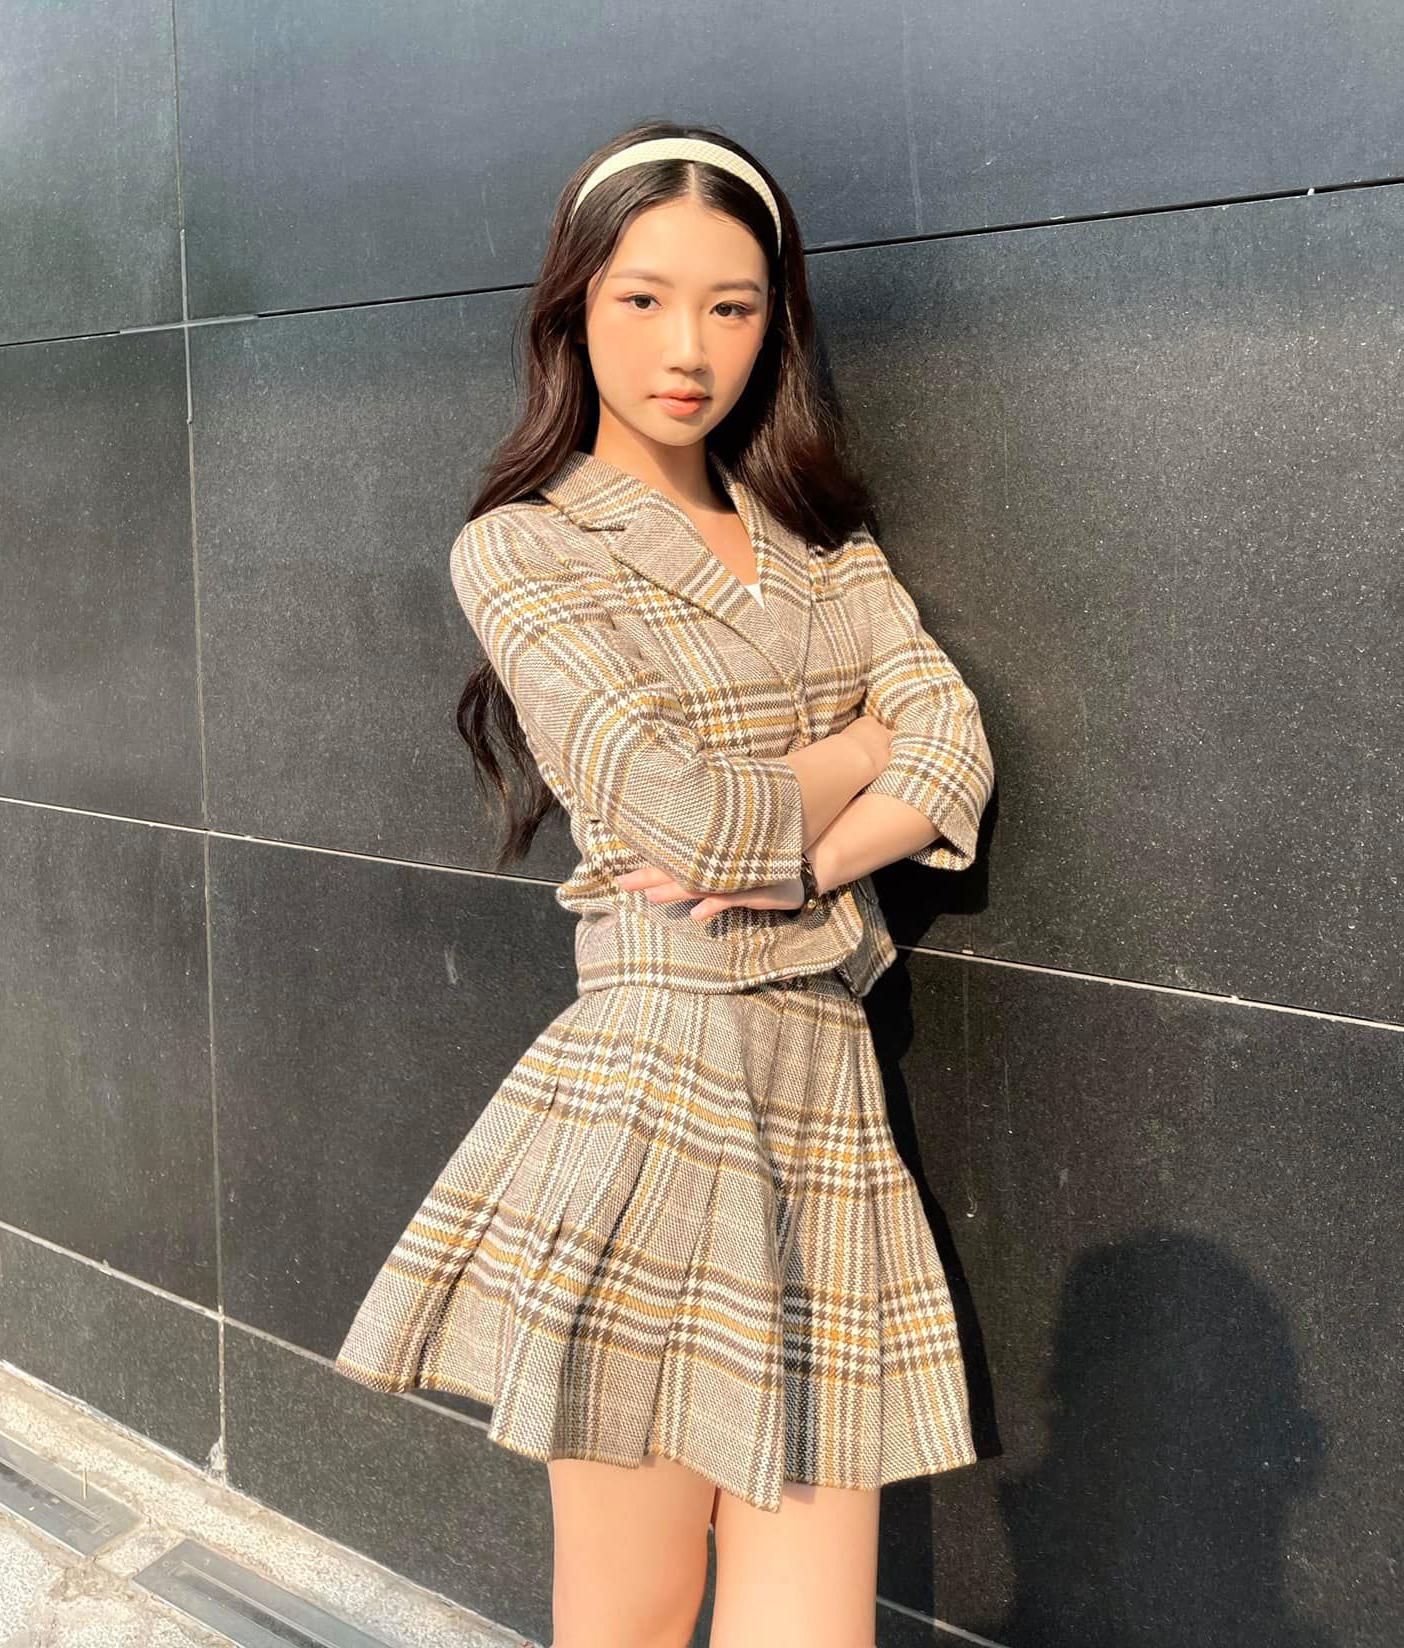 Trang phục xinh xắn được Amee khéo mix cùng phụ kiện đi kèm, đặc biệt là bộ sưu tập băng đô màu sắc rất tinh tế, giúp vẻ ngoài của nữ ca sĩ thêm trẻ trung, dễ thương.